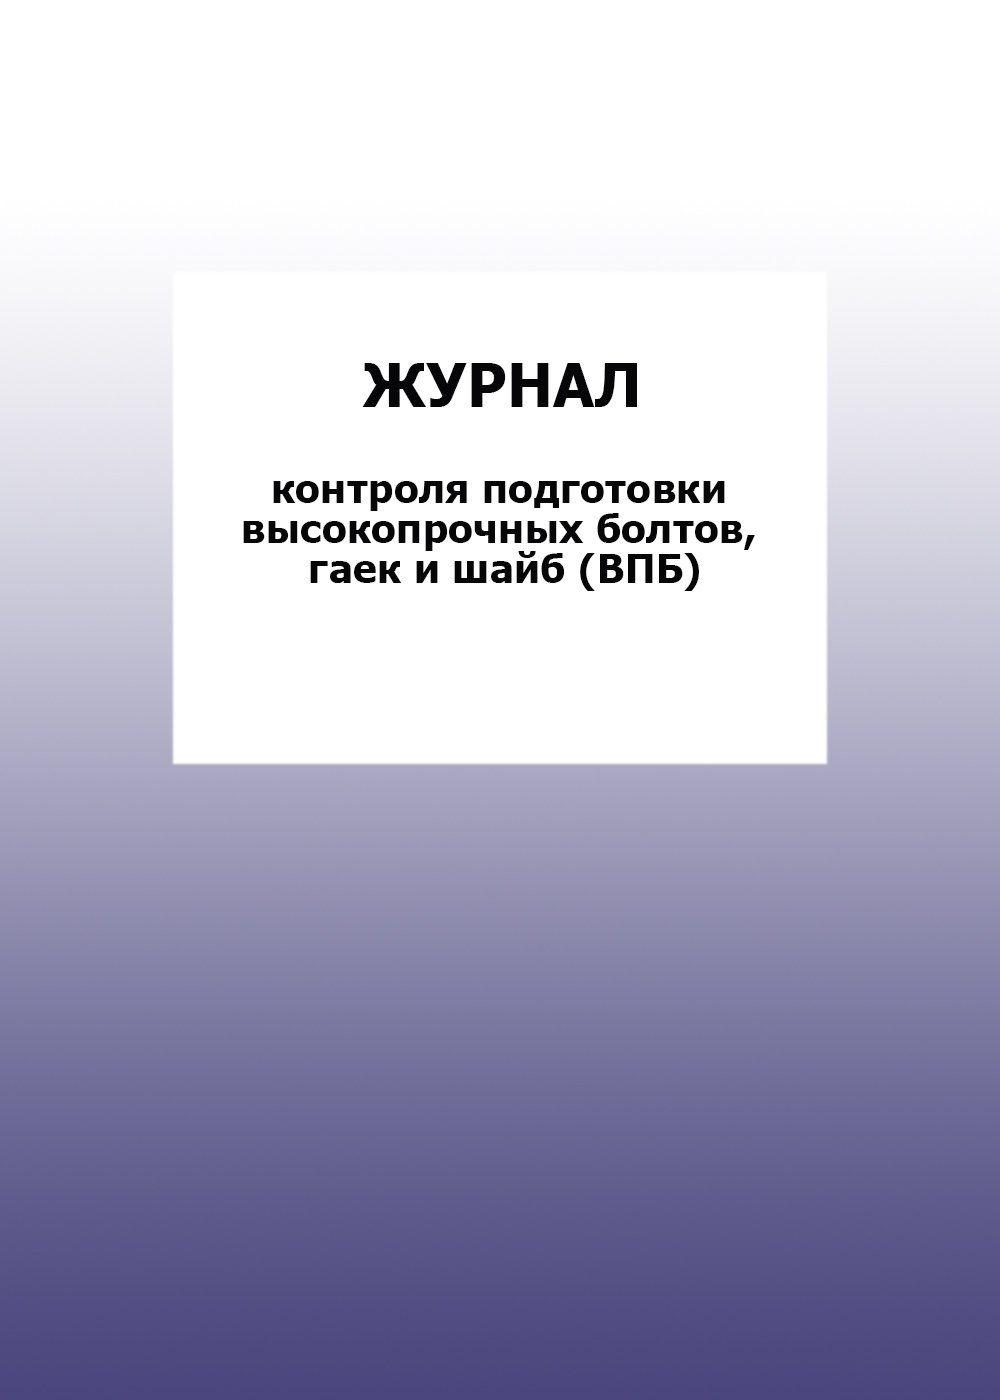 Журнал контроля подготовки высокопрочных болтов, гаек и шайб (ВПБ): упаковка 100 шт.